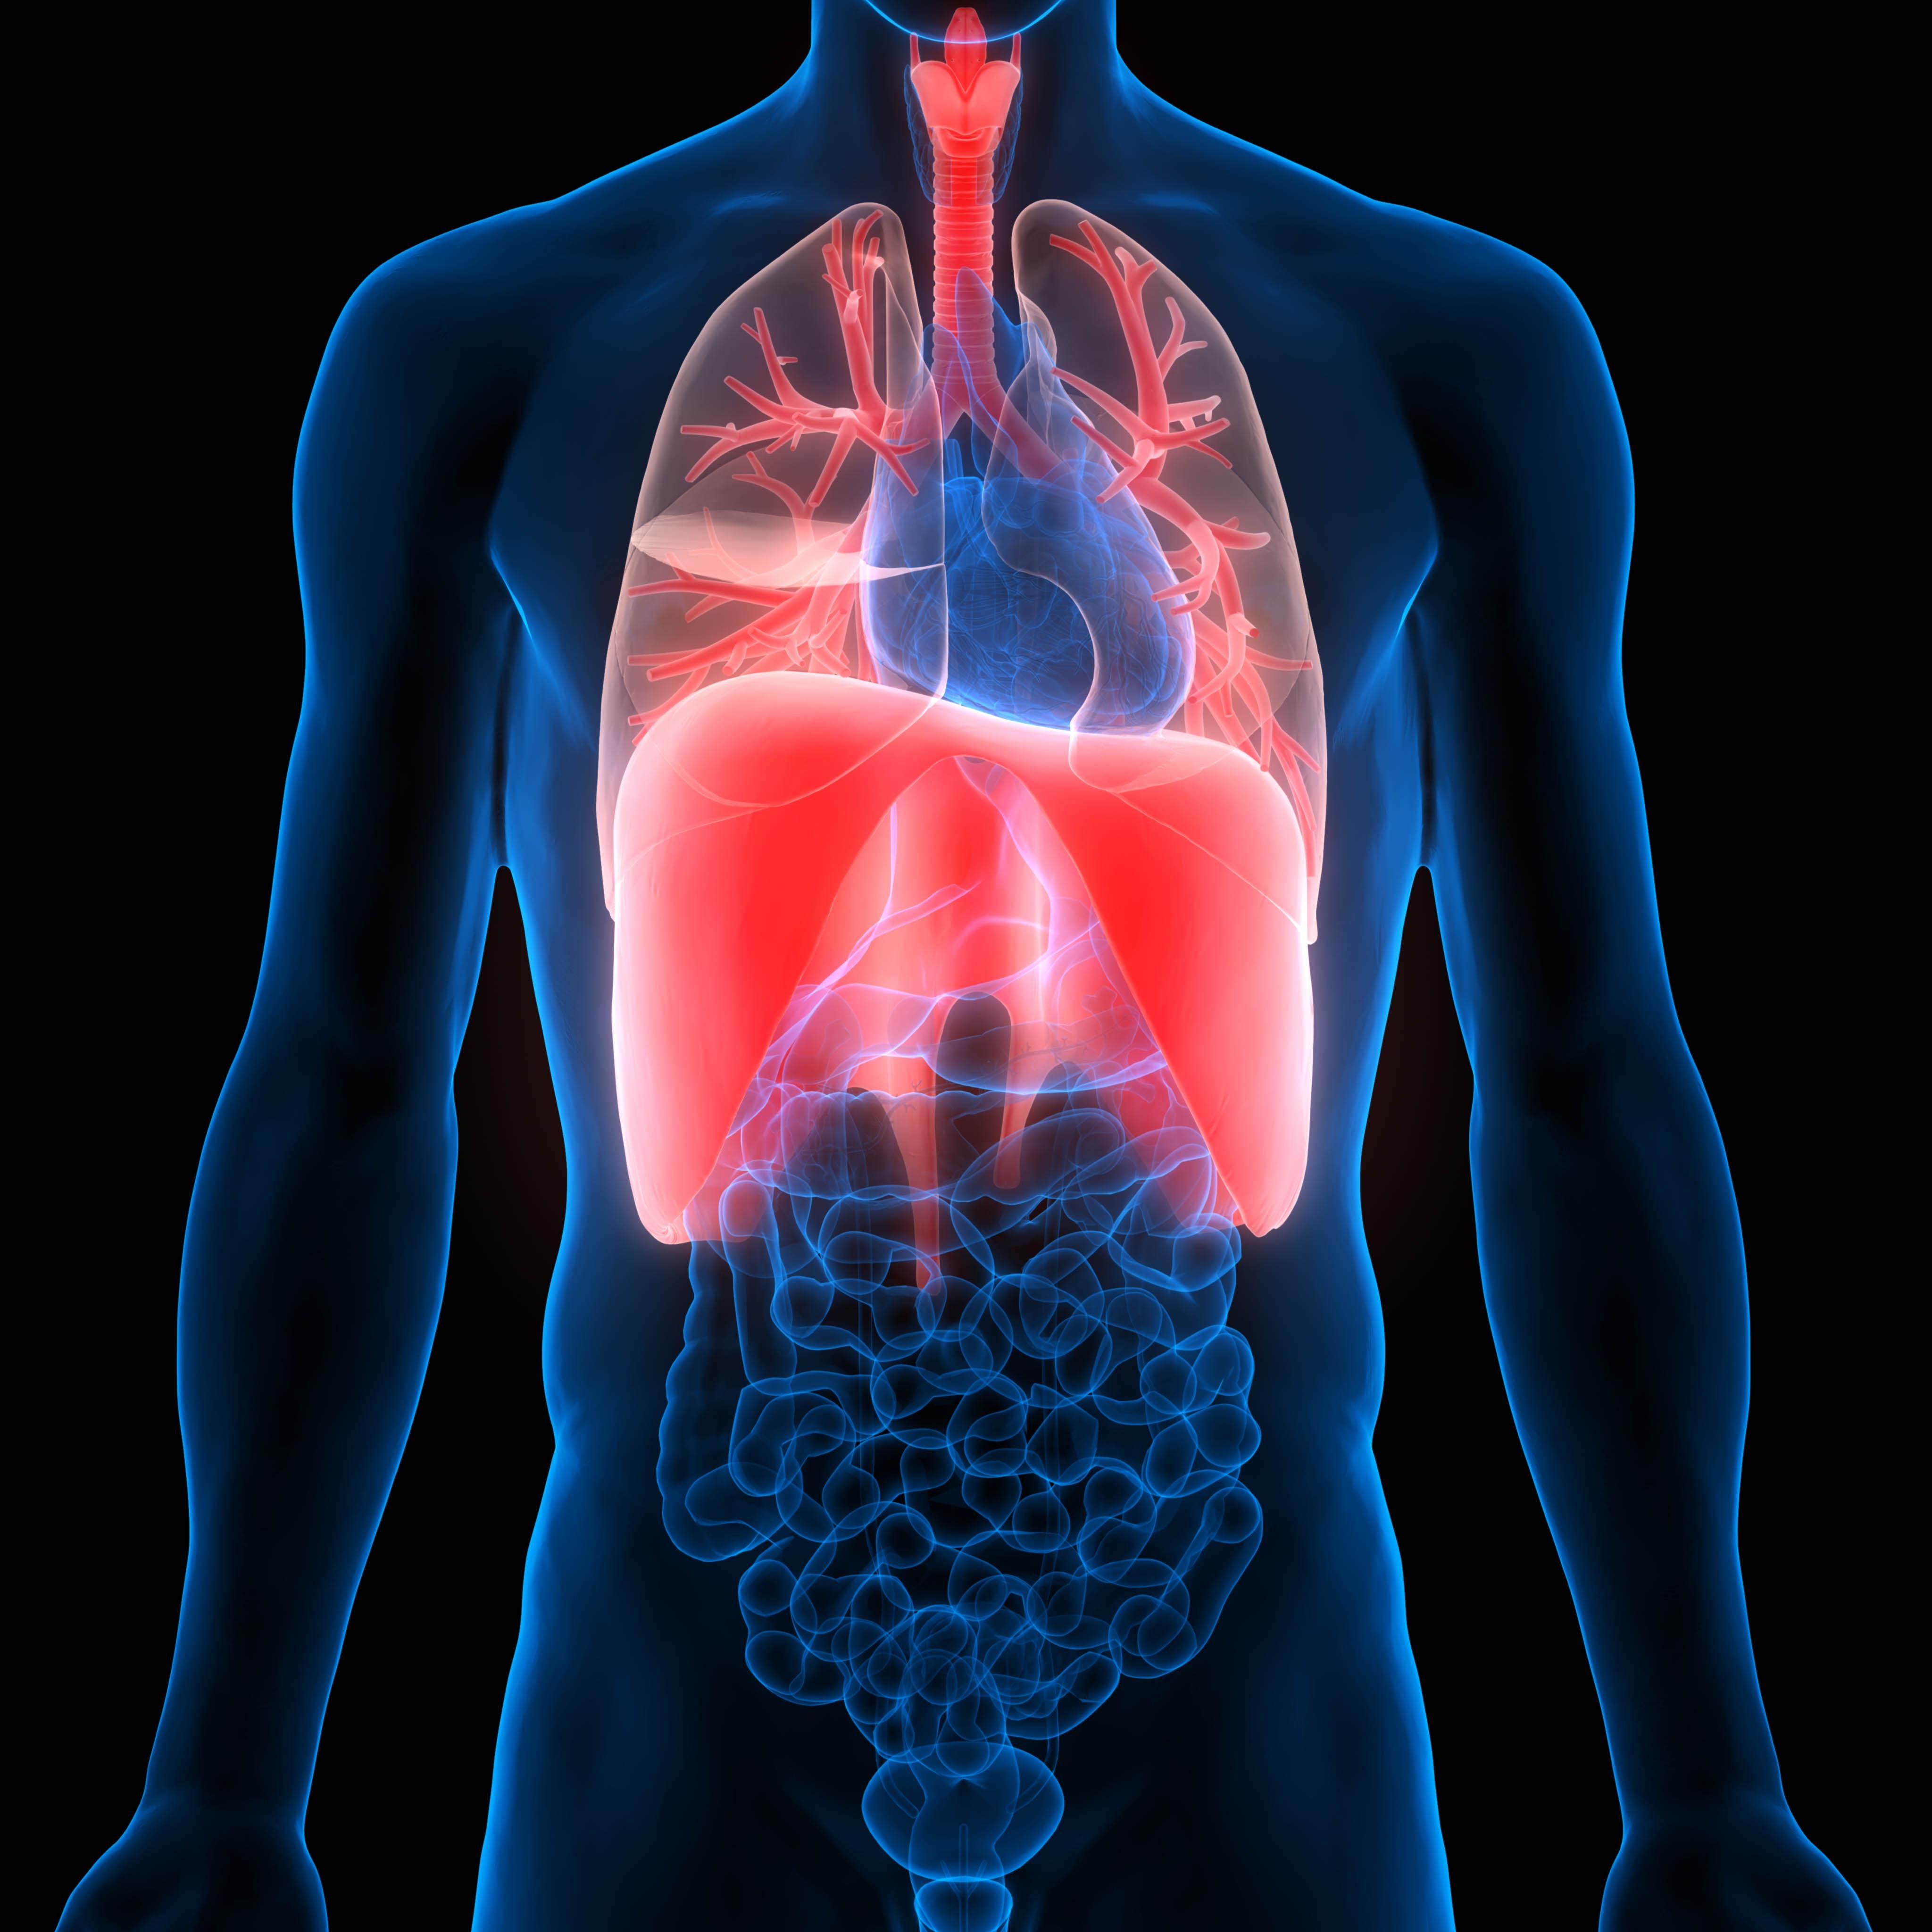 Grafika przedstawia schemat organów wewnętrznych człowieka